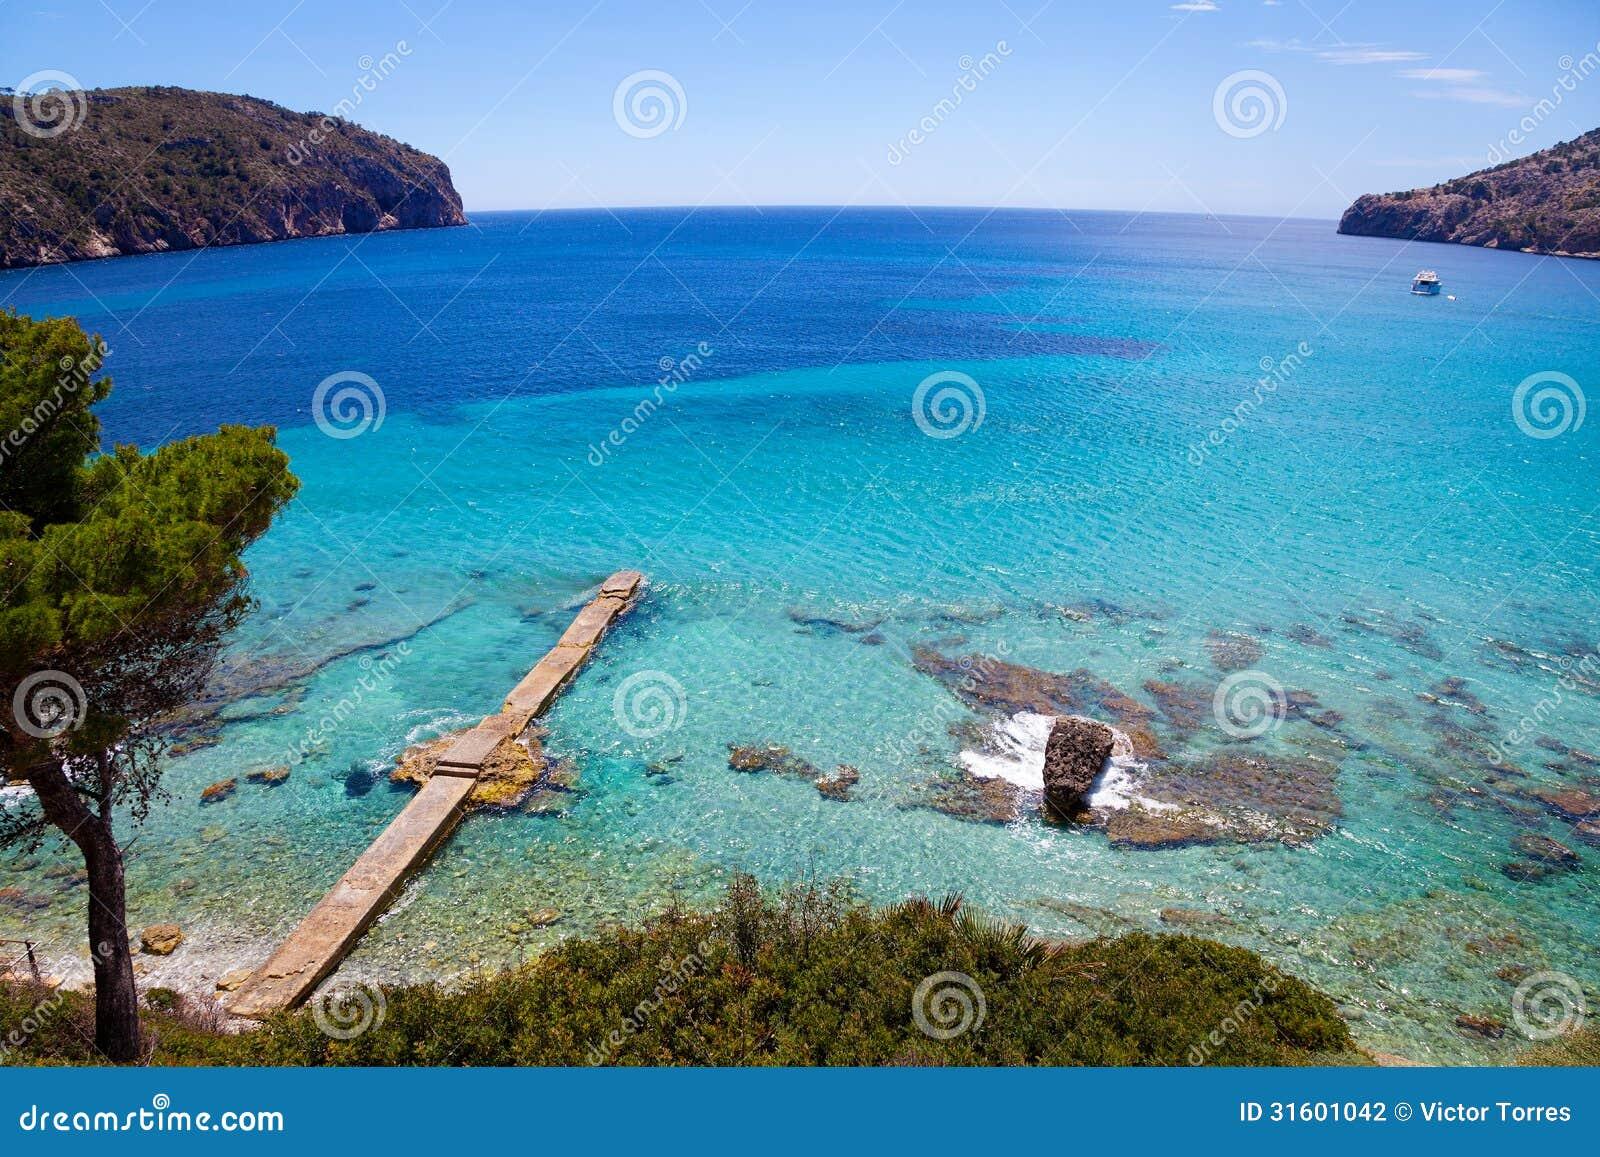 Идилличный взгляд в острове Мальорки